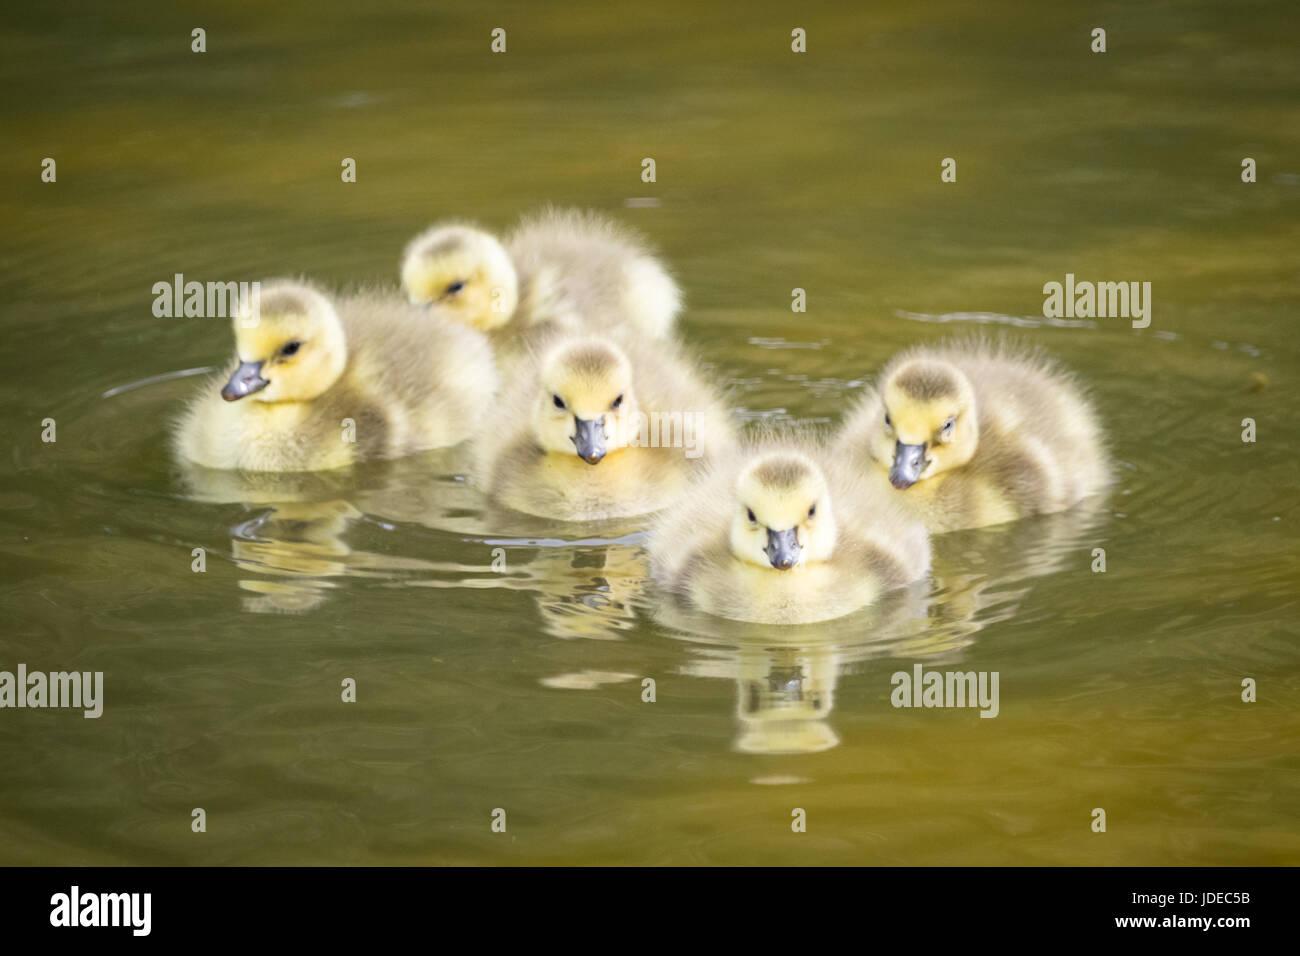 Cinco días de edad neonatal goslings, ganso de Canadá (Branta canadensis) nadando en un estanque. Edmonton, Alberta, Canadá. Foto de stock